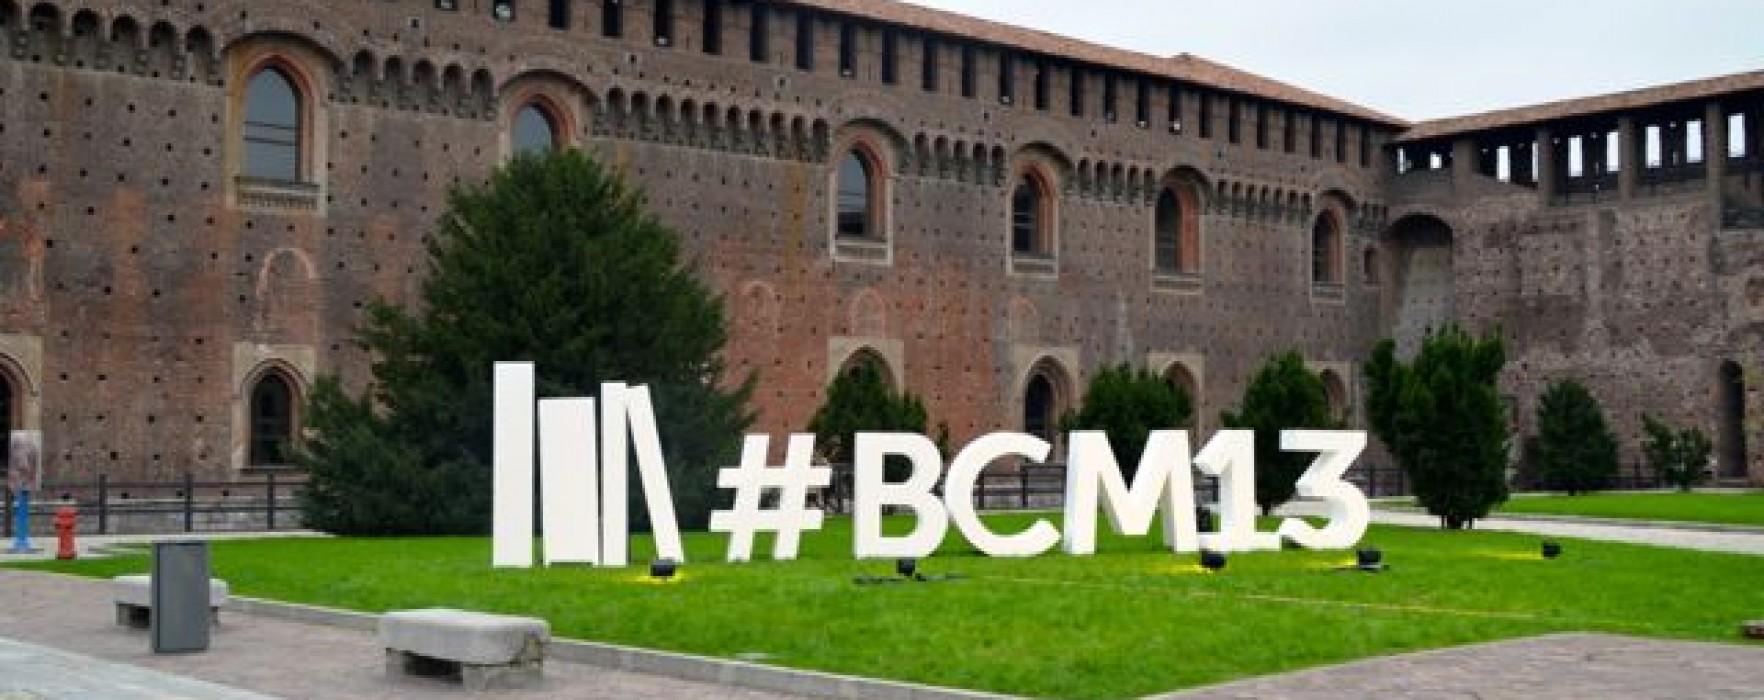 BookCity 2013. A Milano, libri e cultura protagonisti per un intero weekend